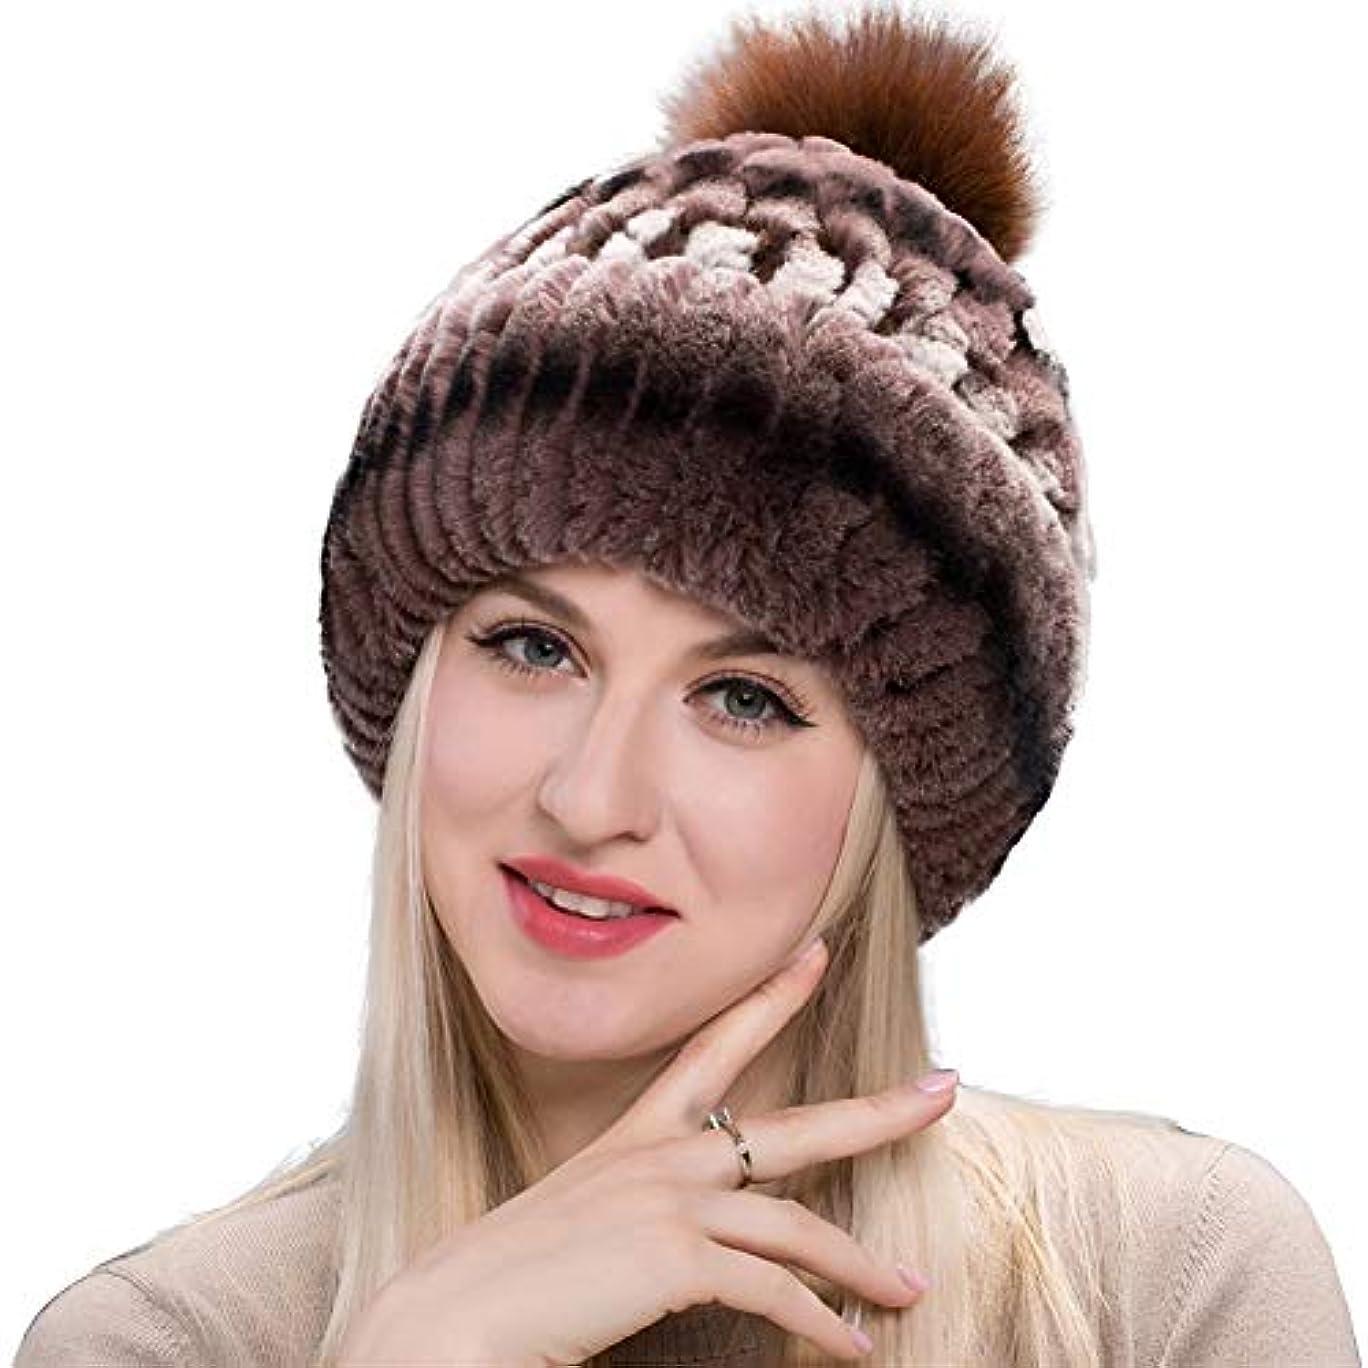 非行名声器具ACAO さんの秋と冬のファッションウサギの毛皮の草さん暖かいニット帽キツネの毛皮の帽子包頭のイヤーキャップ (色 : Coffee ridge, Size : L)